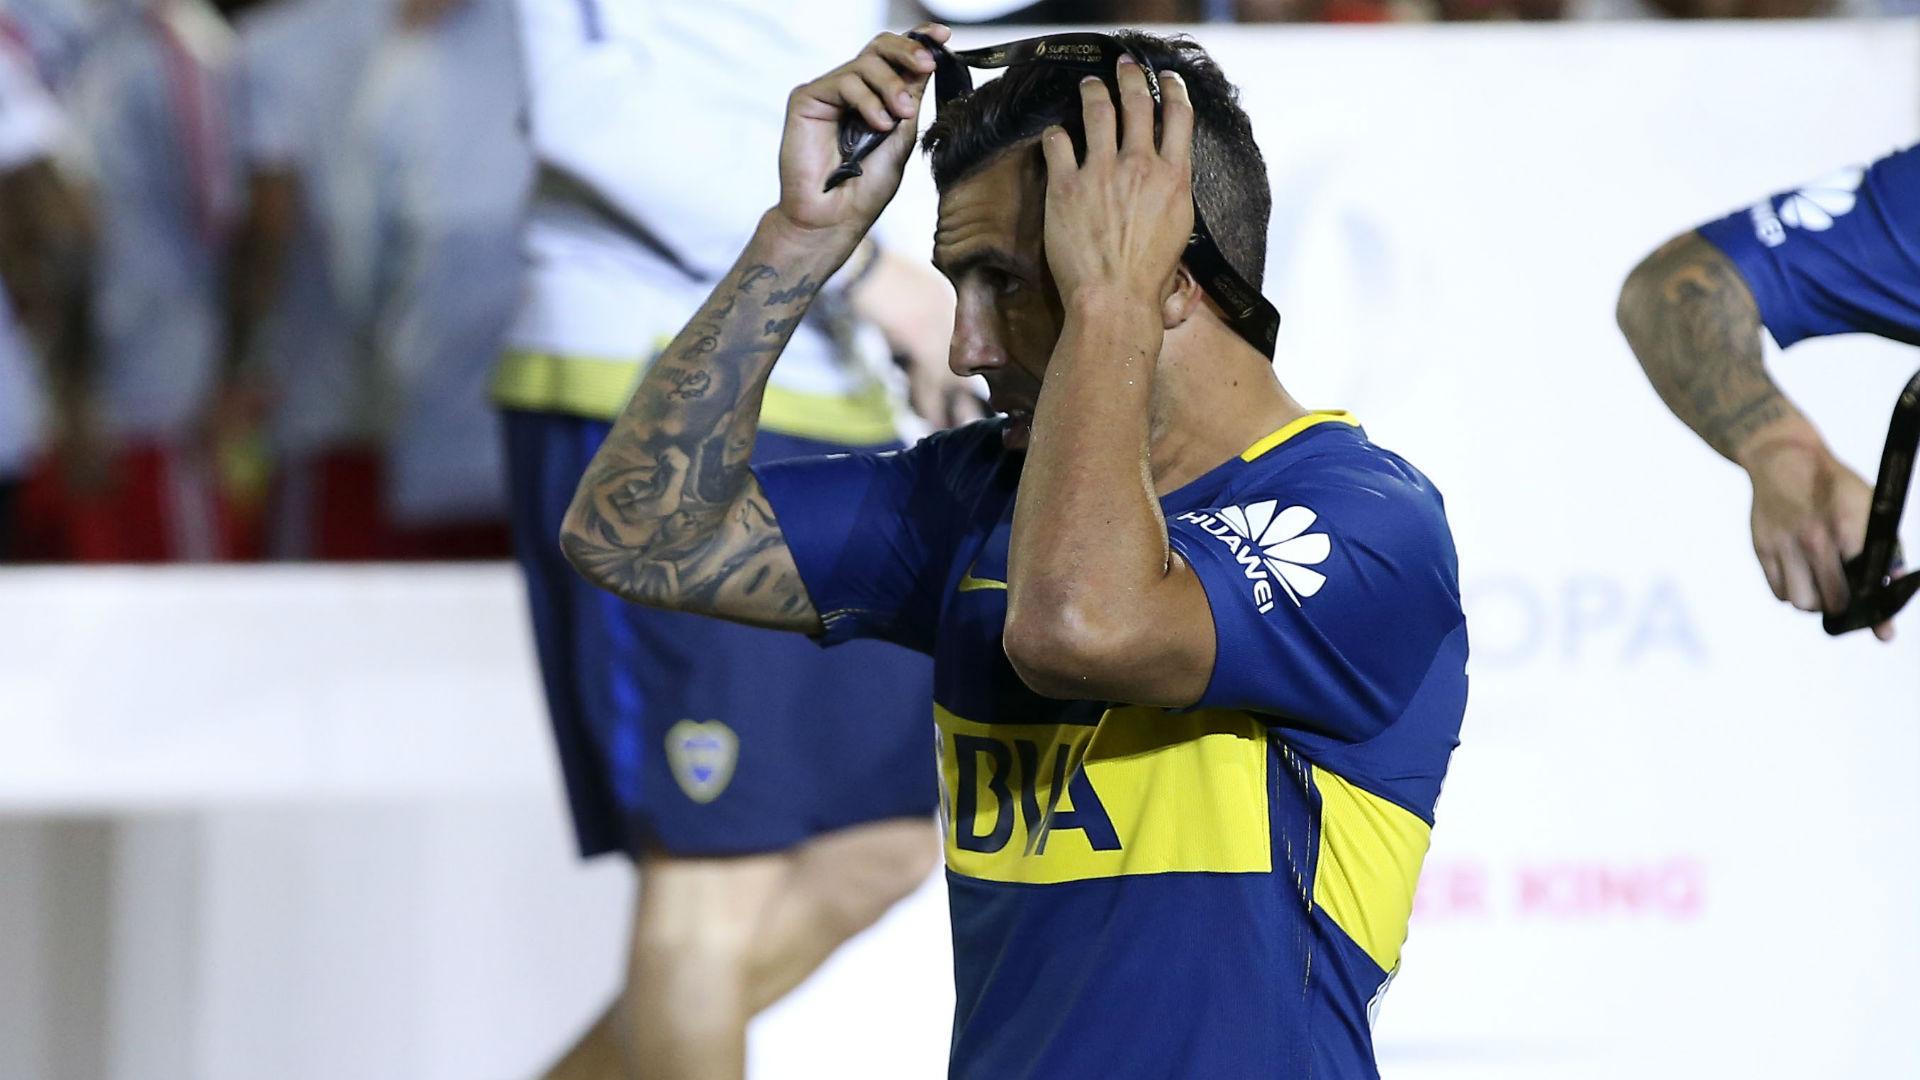 Carlos Tevez infortunato dopo una partita in carcere: furia Boca